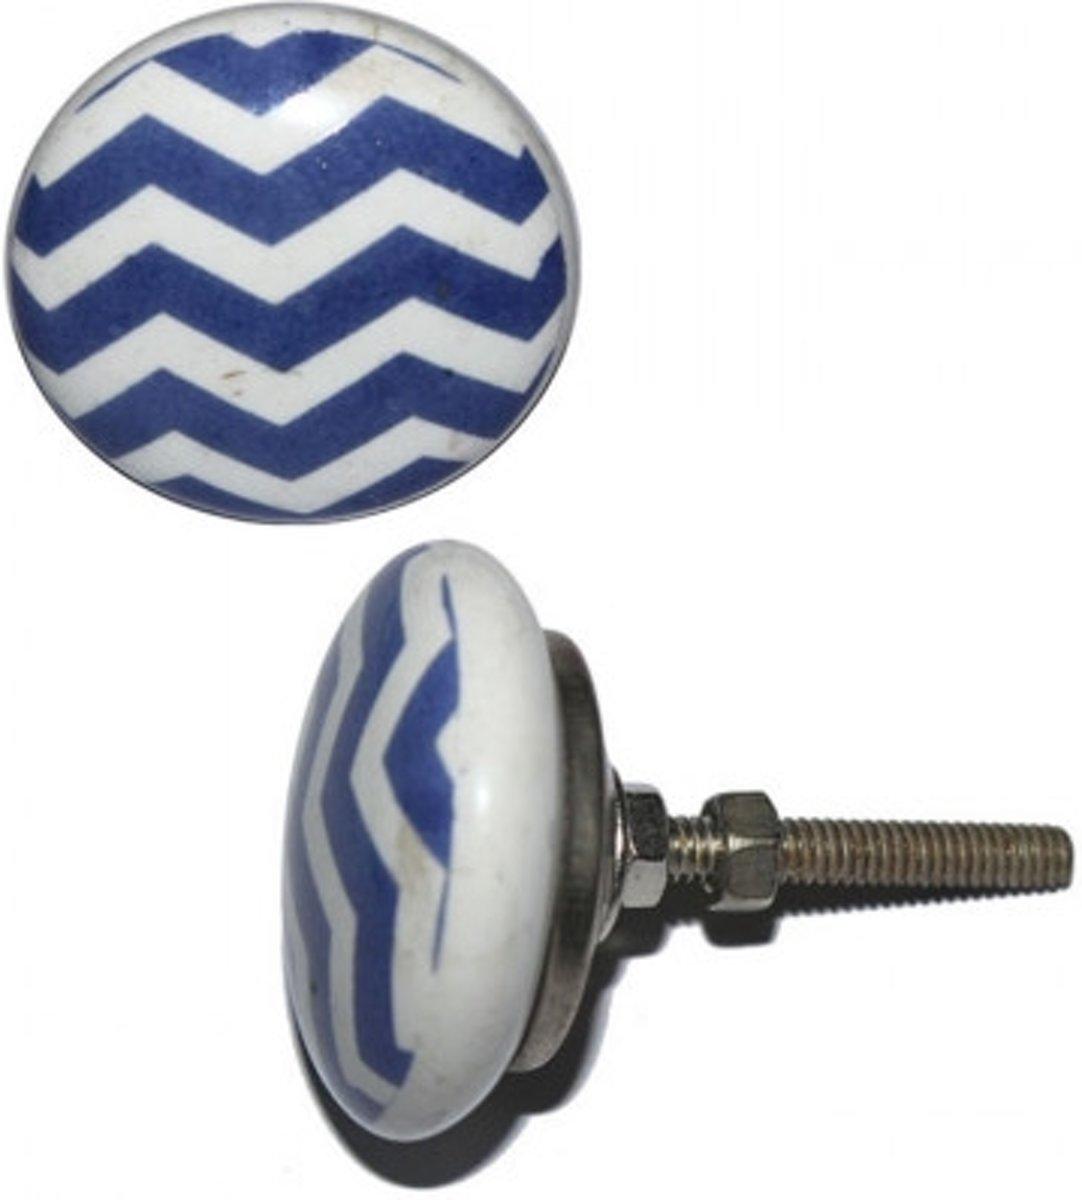 Afbeelding van product Deurknop keramiek wit met donkerblauwe schuin gestreept